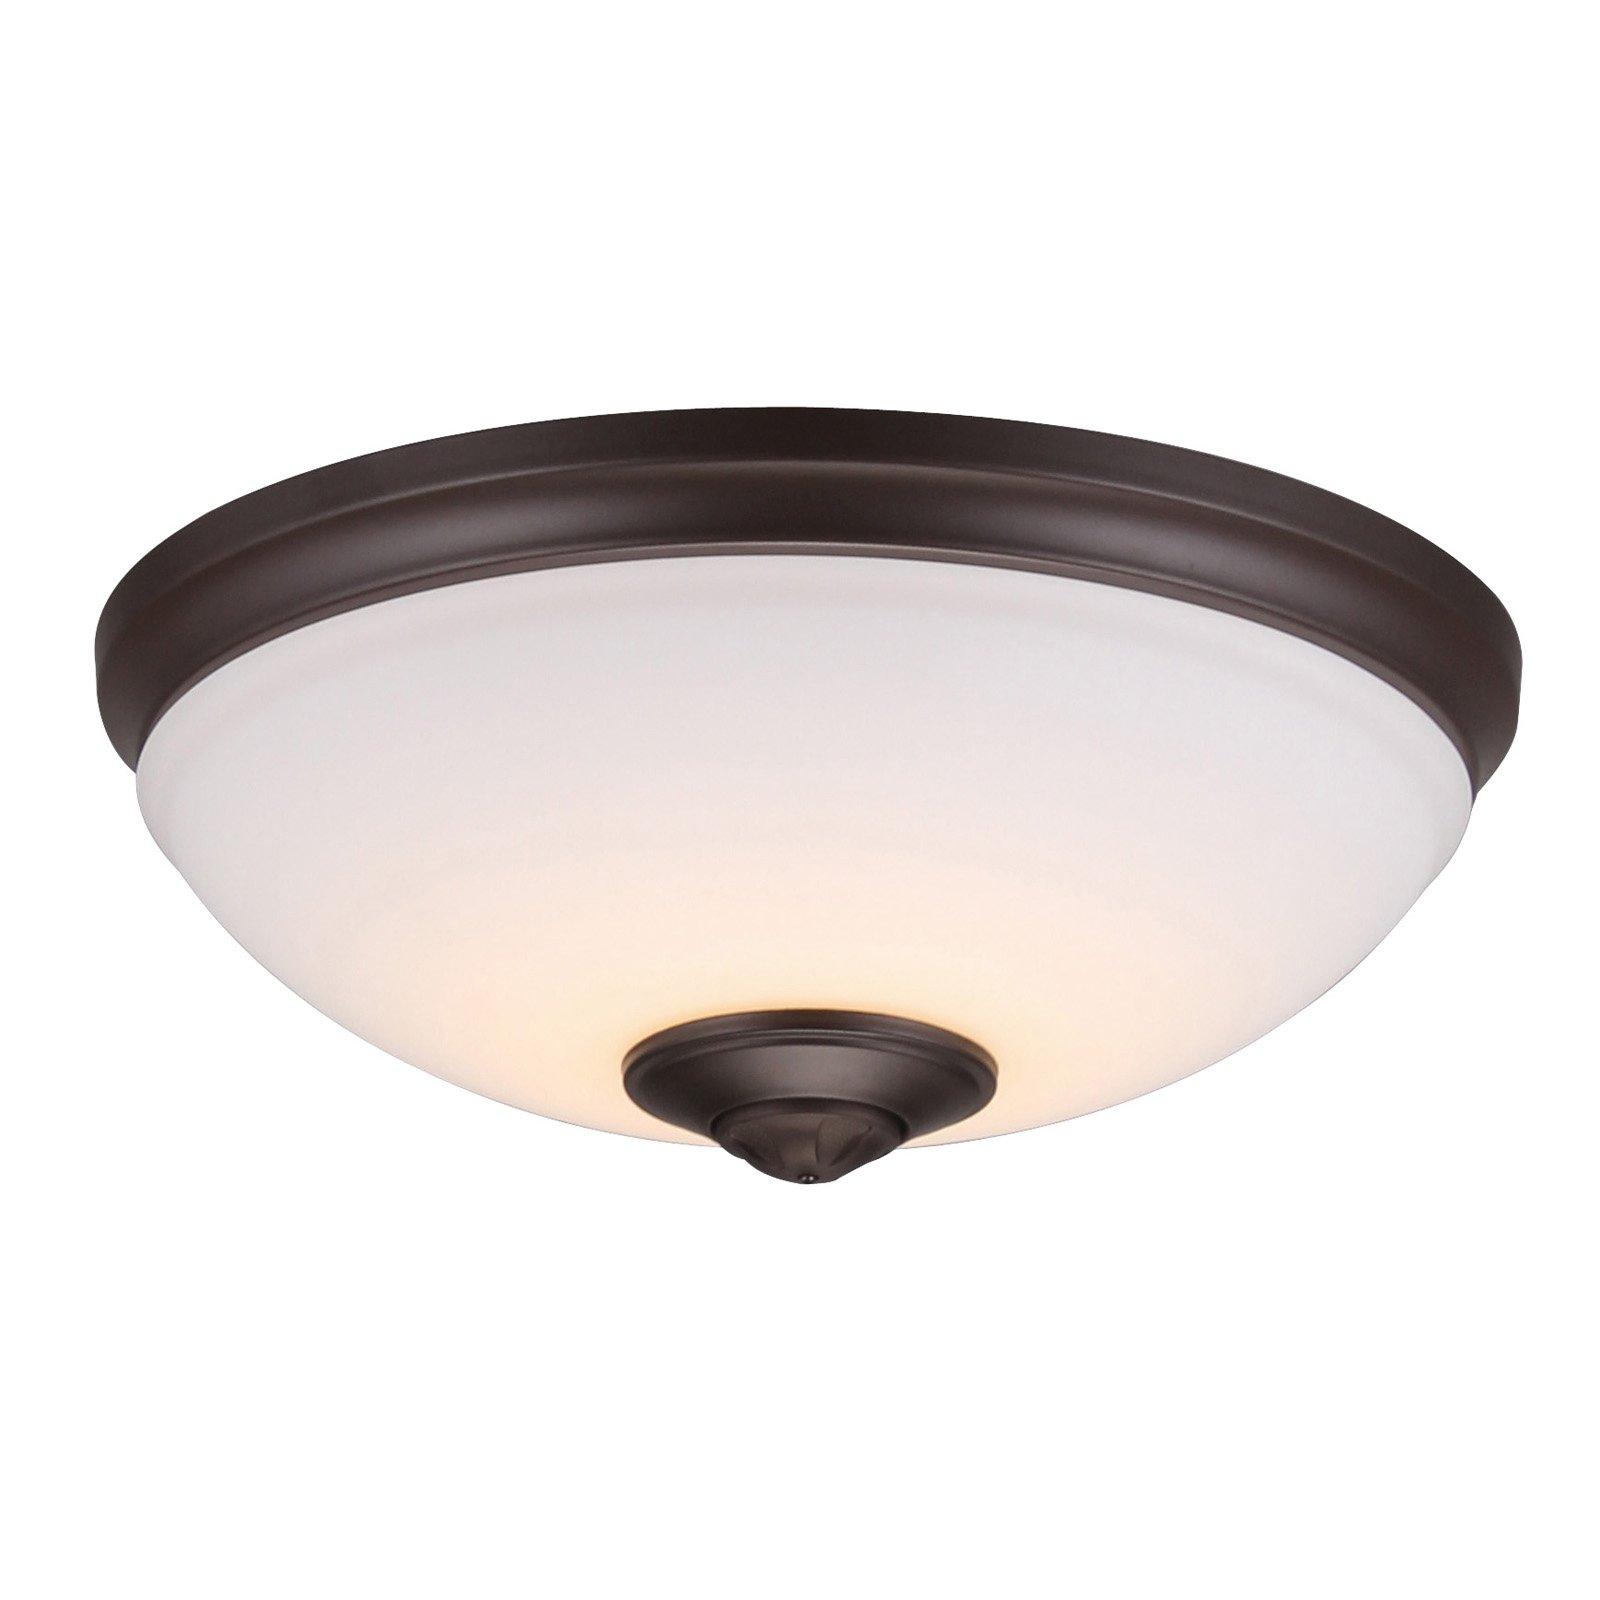 Wind River Kg500 Universal Led Light Kit Ceiling Fan Light Kit